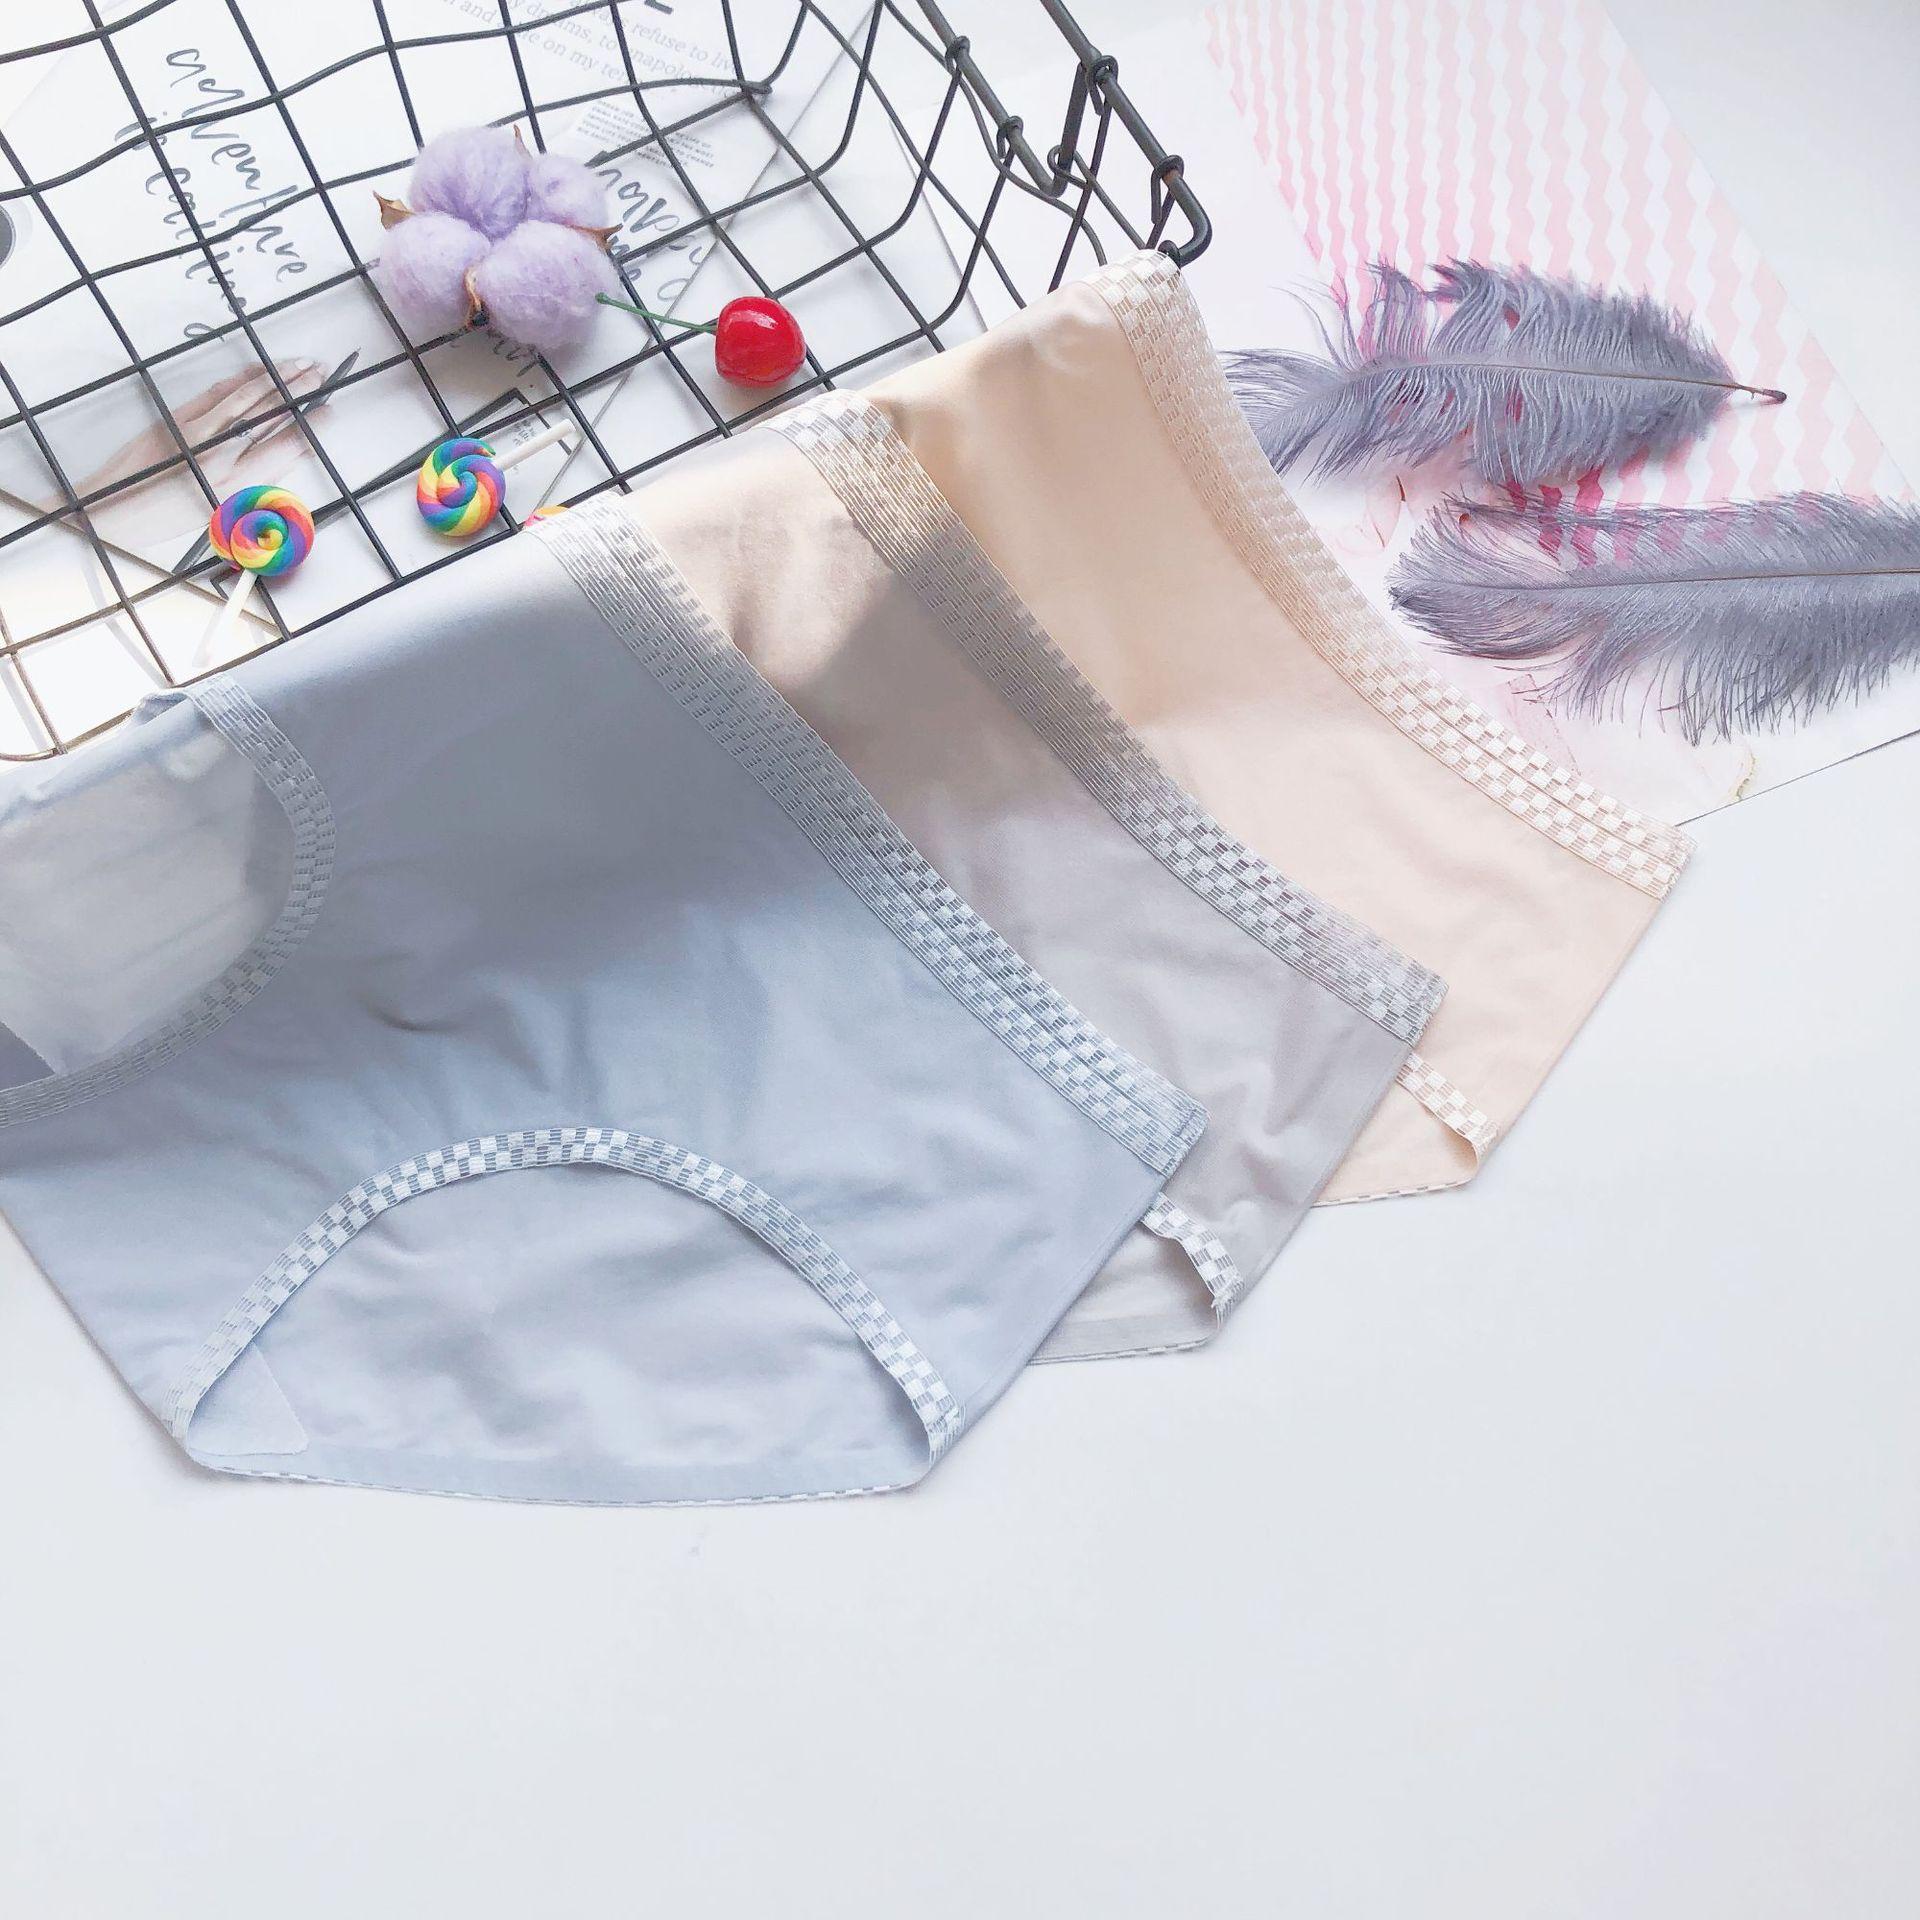 厂家无痕内裤女纯棉抗菌裆冰丝少女夏季透明超薄性感女士三角裤-